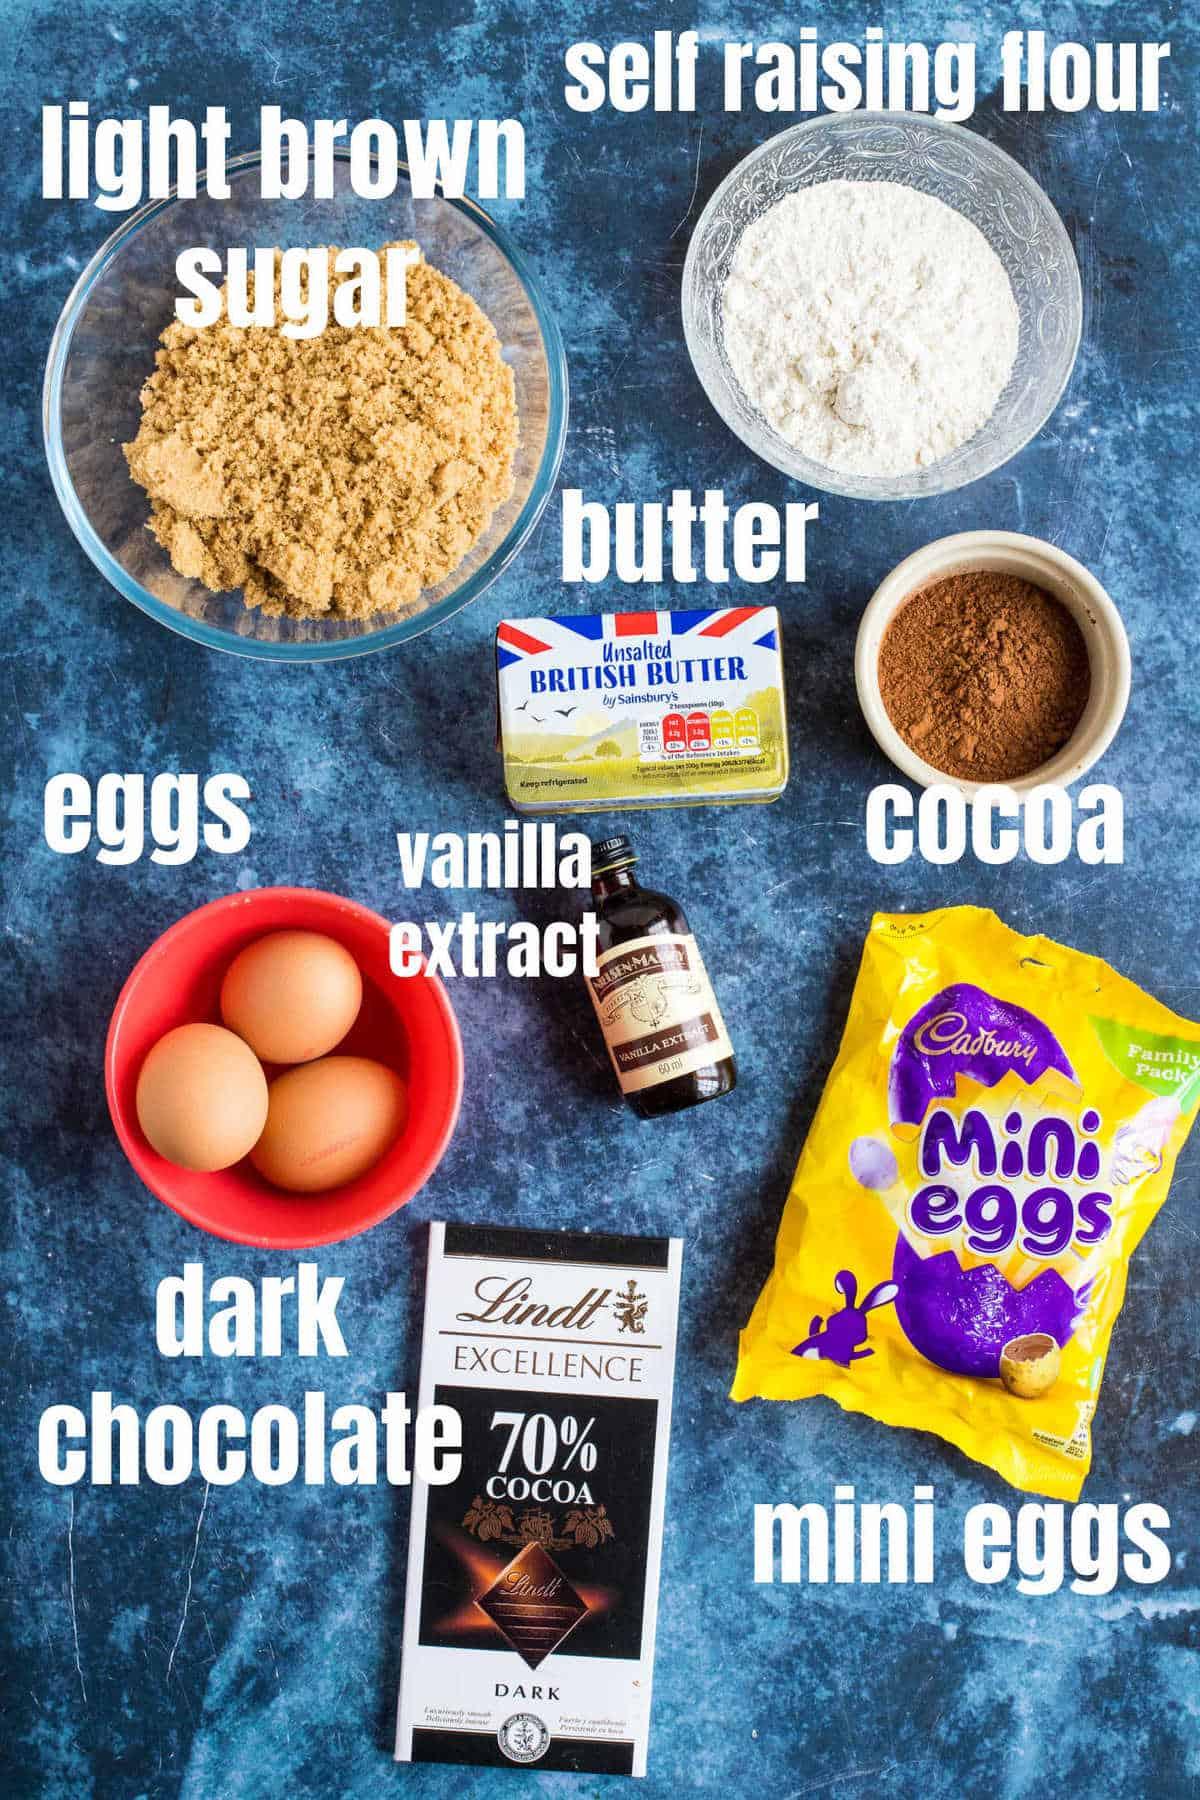 Ingredients needed to make mini egg brownies.